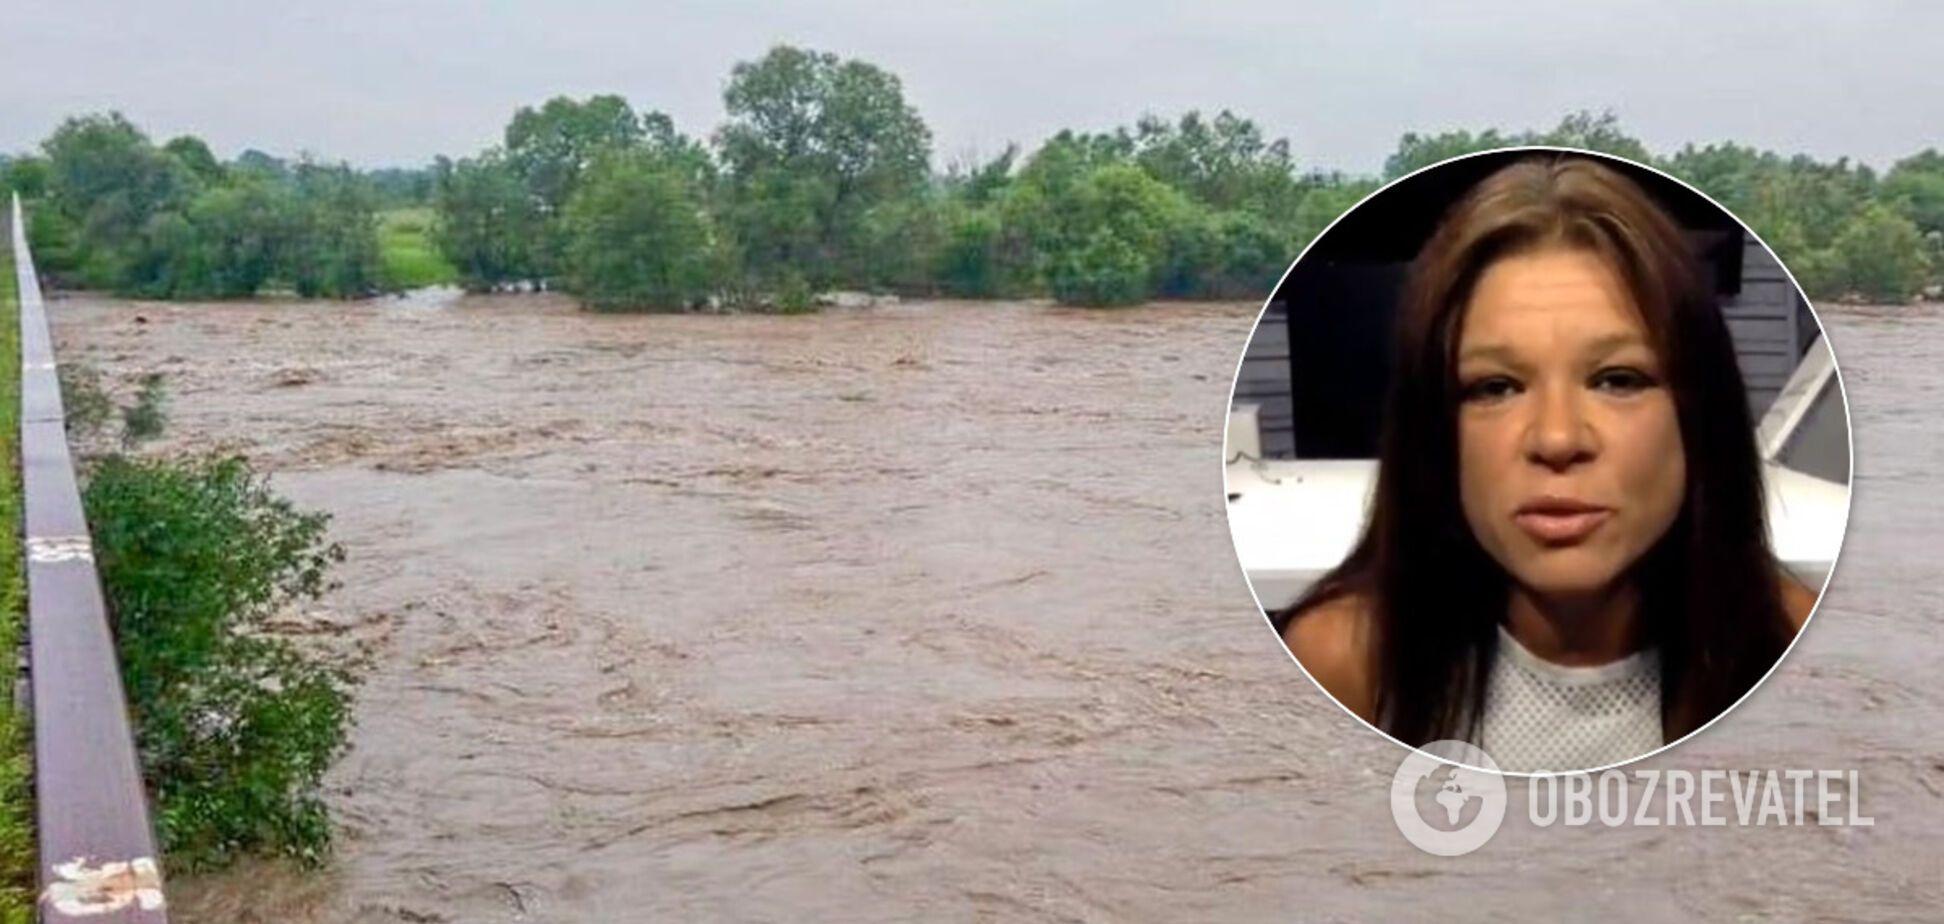 Руслана обратилась к властям из-за наводнения